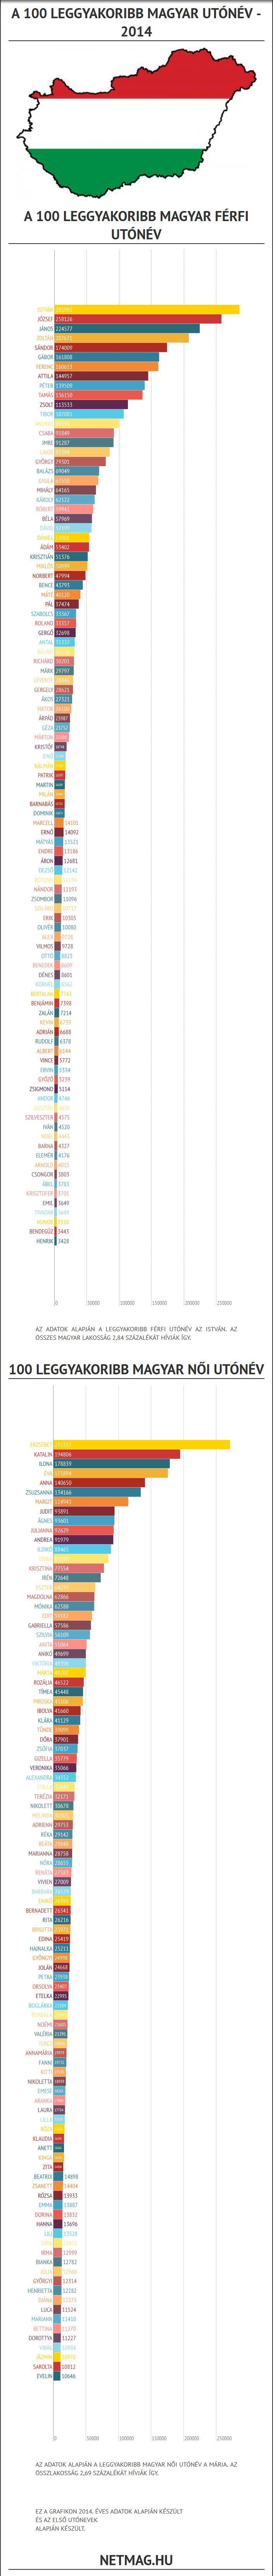 Tudd meg melyek 2014-ben a leggyakoribb női és férfi utónevek Magyarországon.